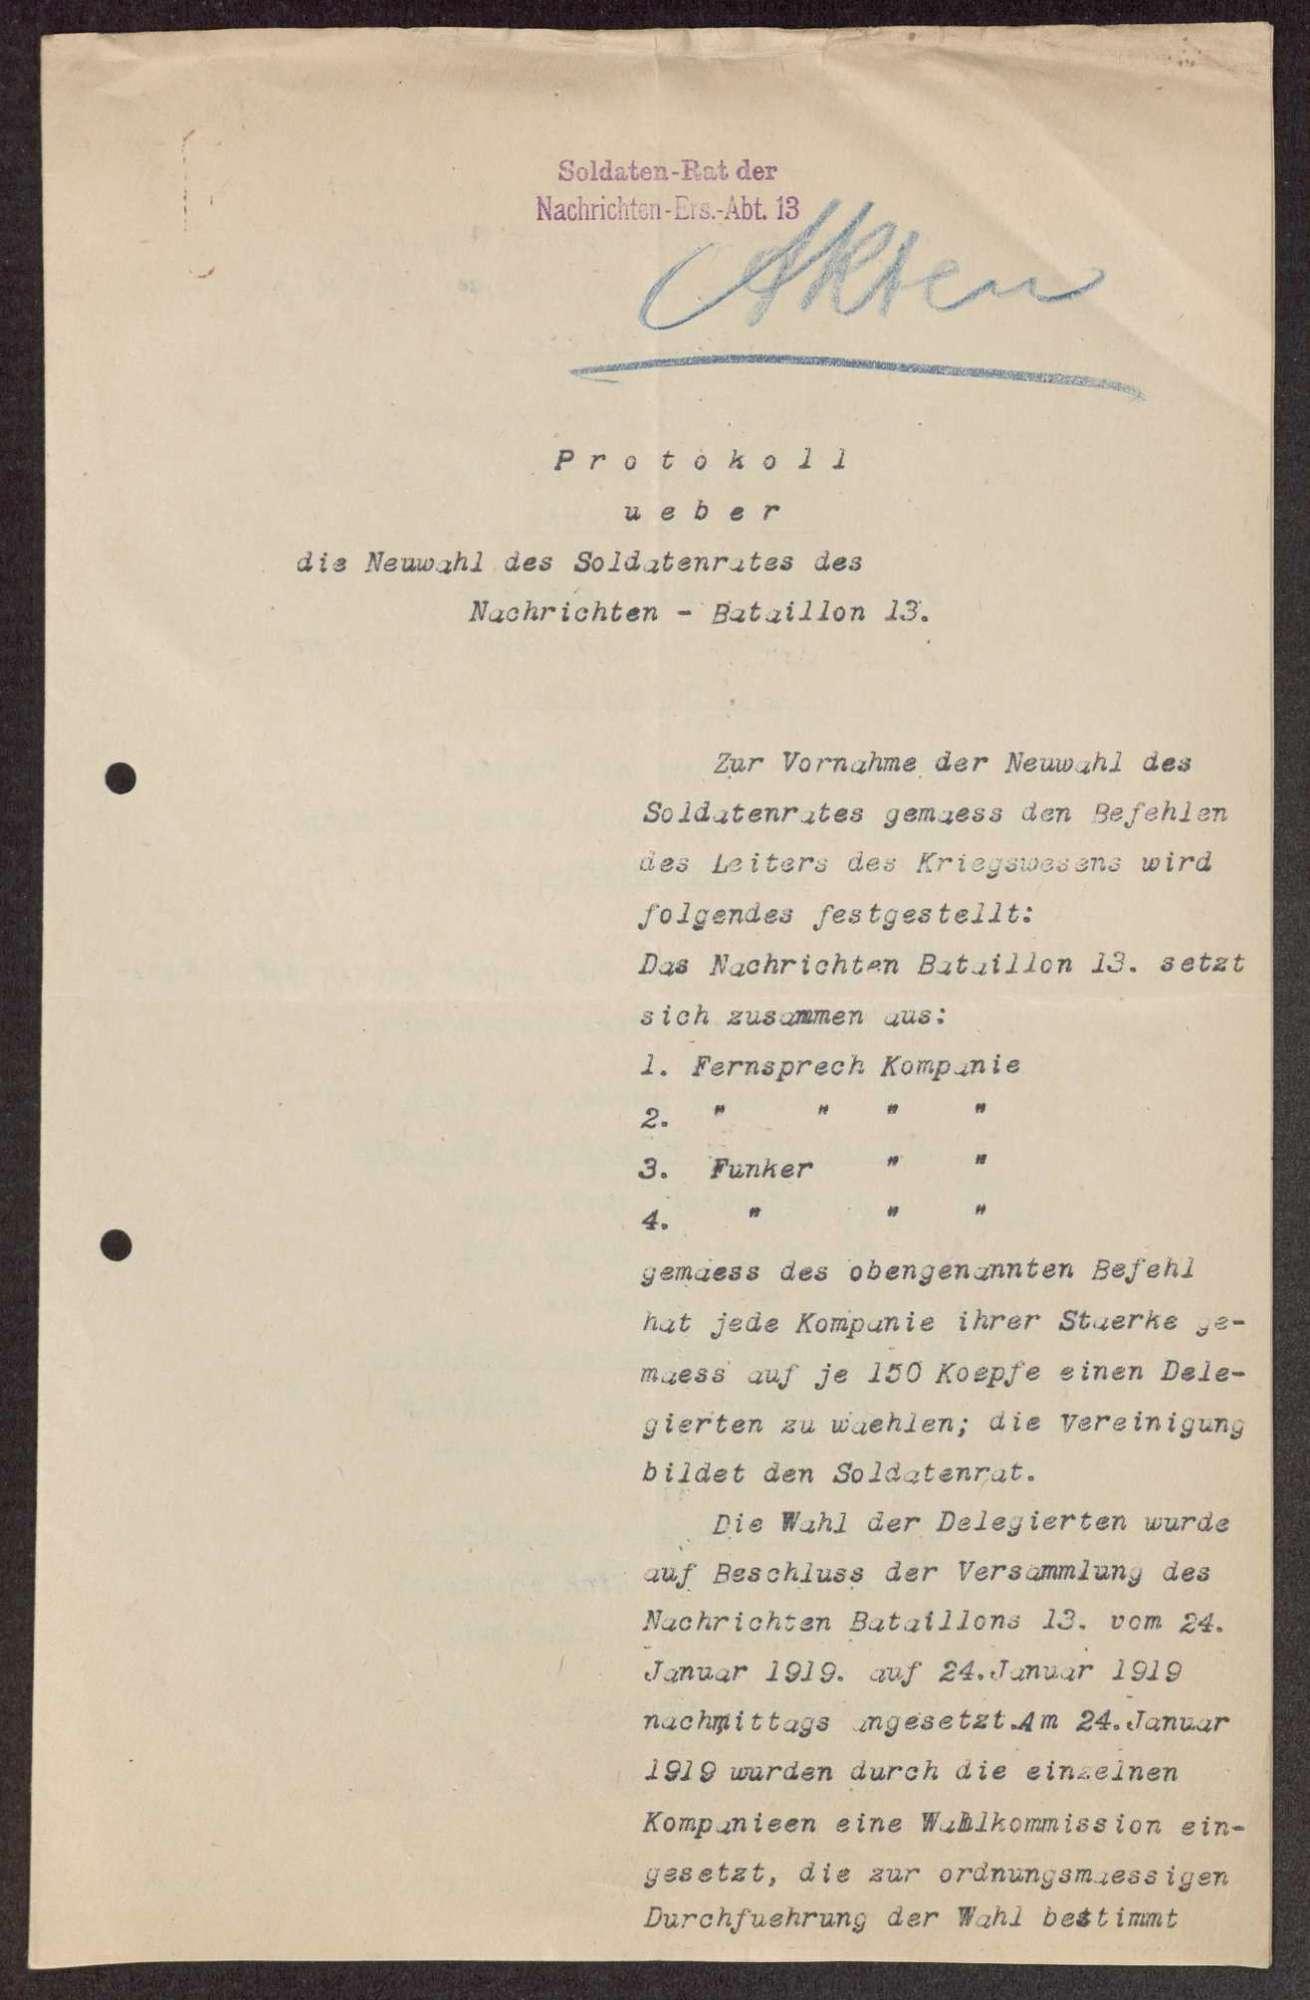 Garnisonsrat Vaihingen auf den Fildern: Wahlen und Zusammensetzung, Aufhebung, Bild 1